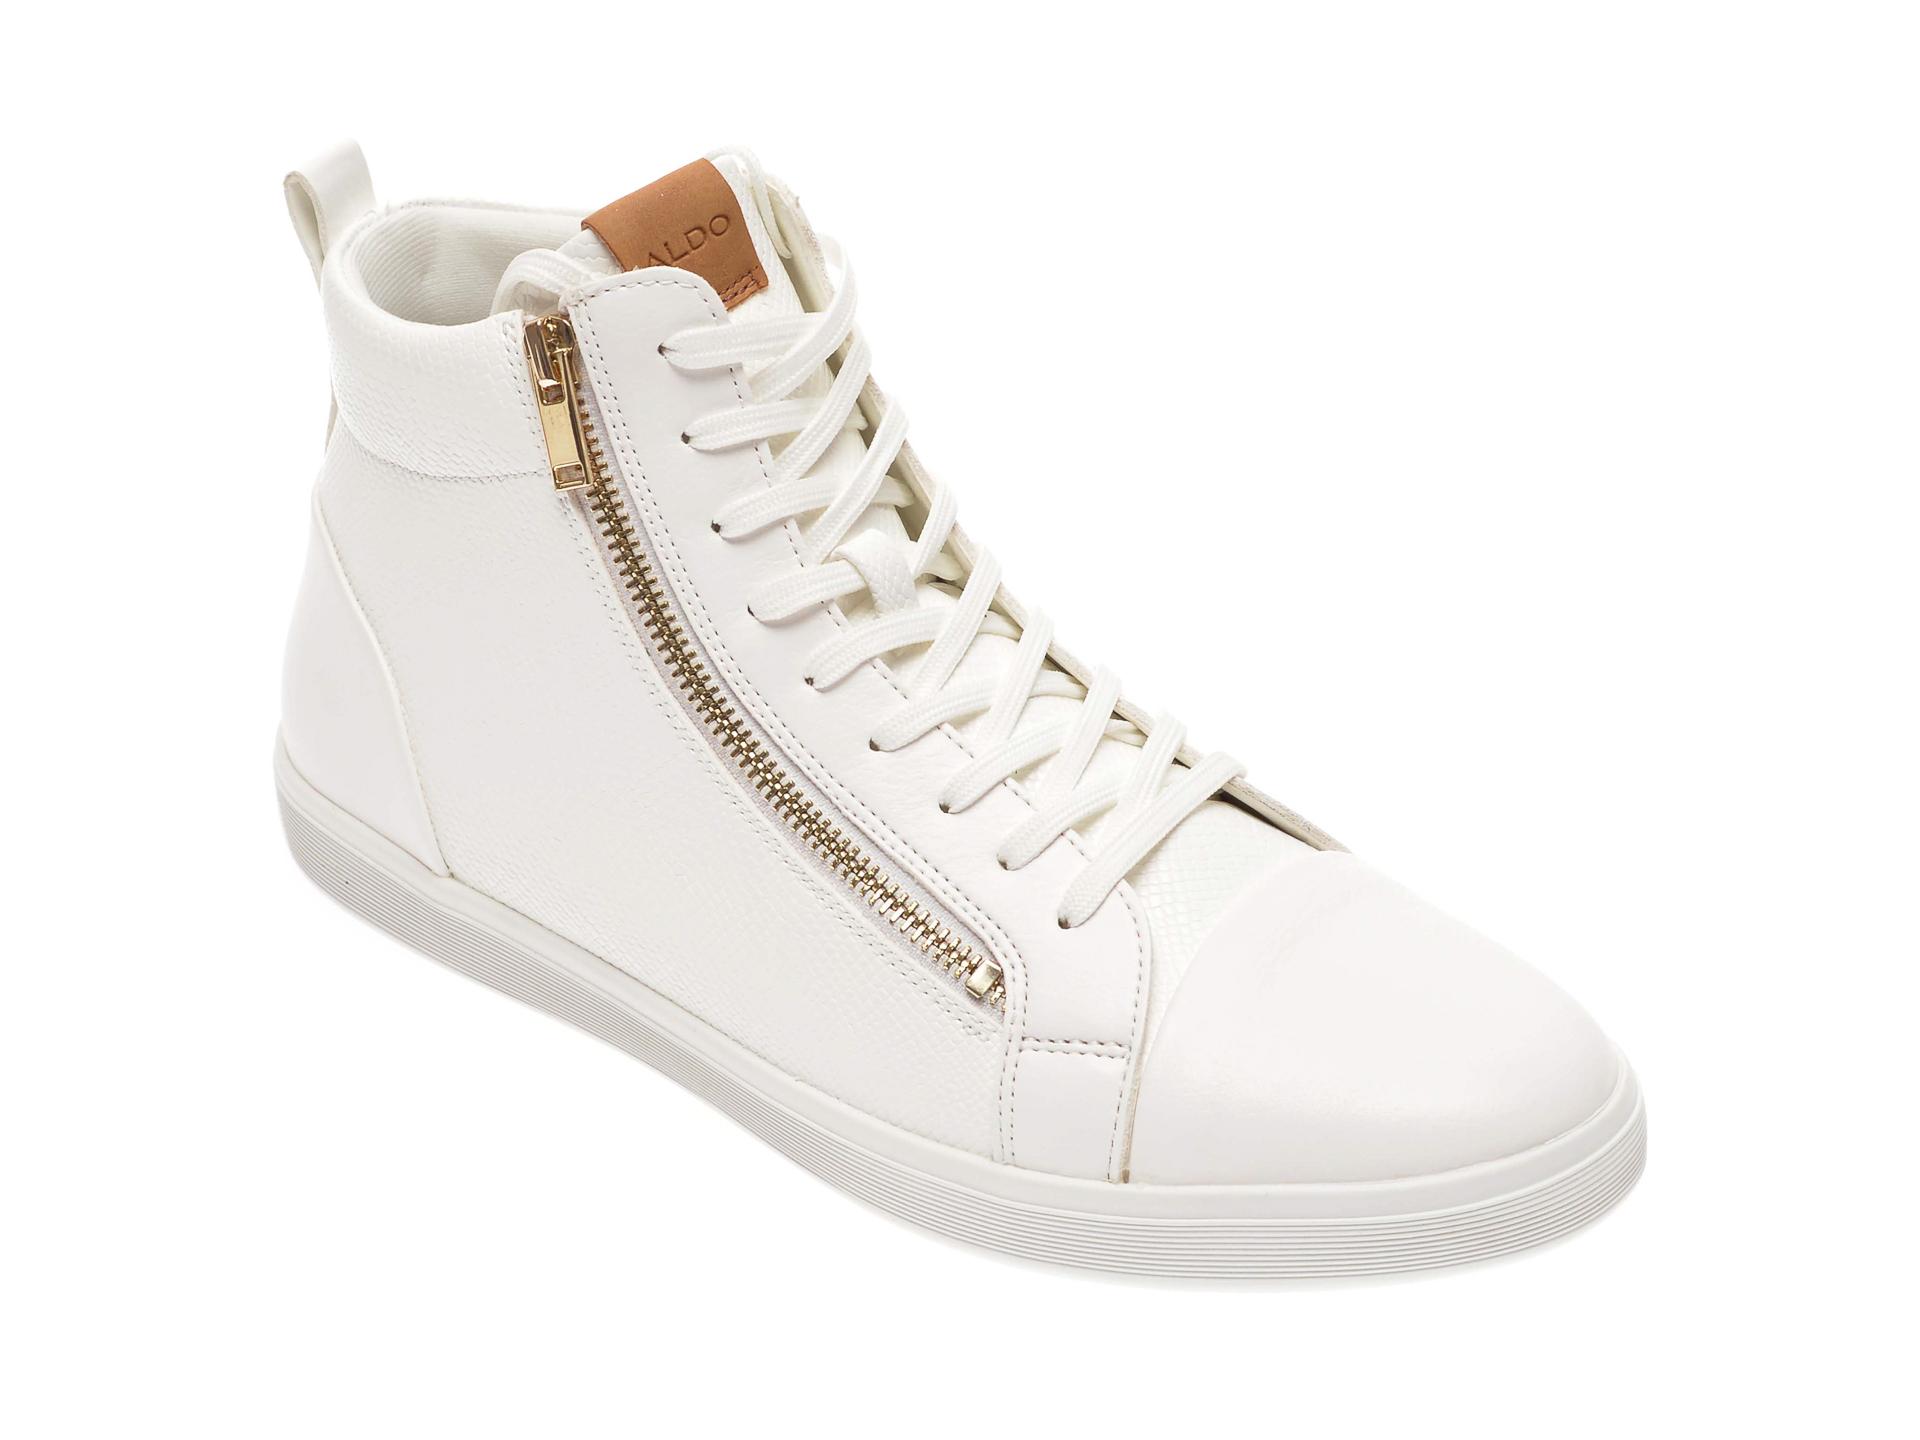 Pantofi ALDO albi, Kelston100, din piele ecologica New